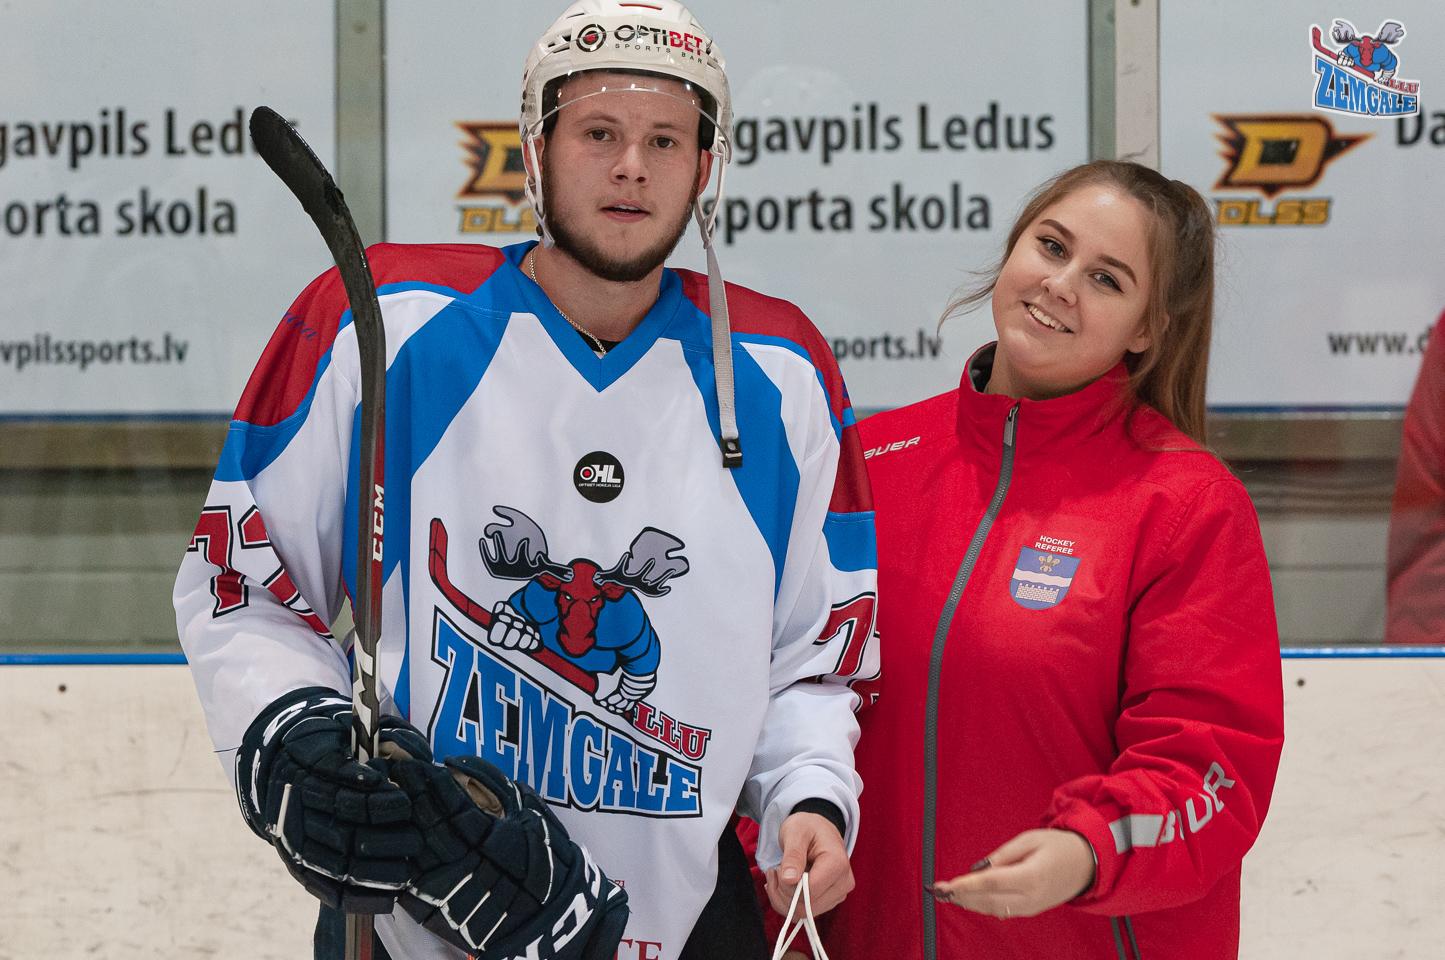 Jauniete pasniedz labākā spēlētāja balvu hokejistam